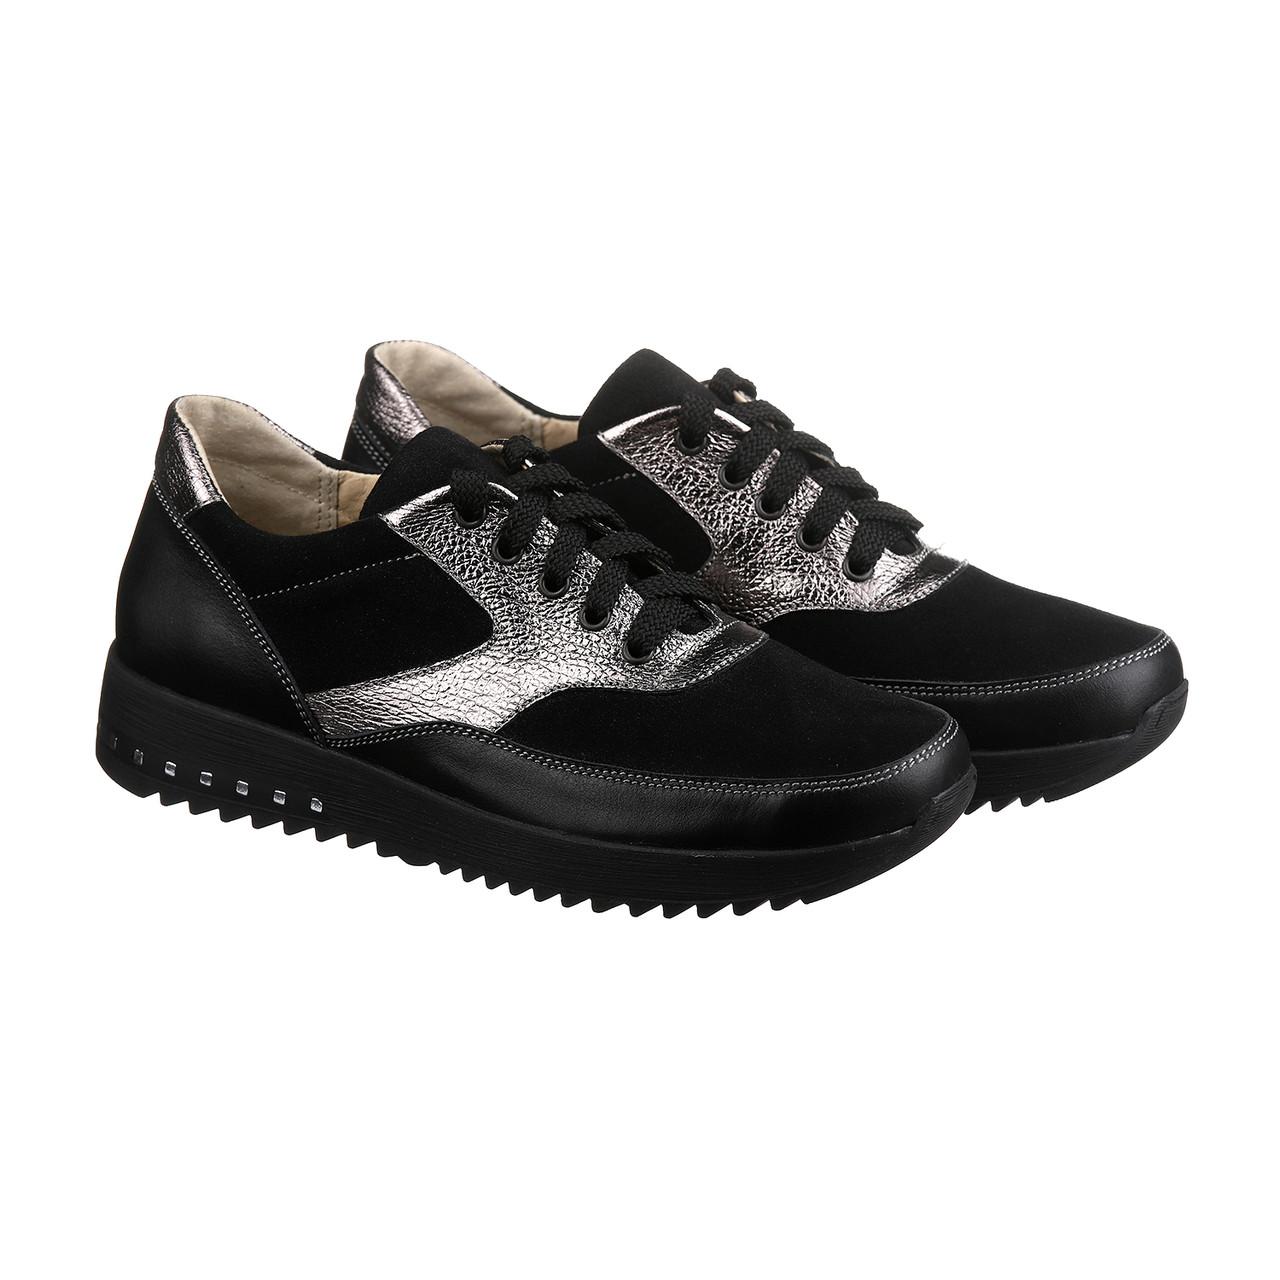 Женские кроссовки черного цвета в комбинации с серебром размеры 37-41